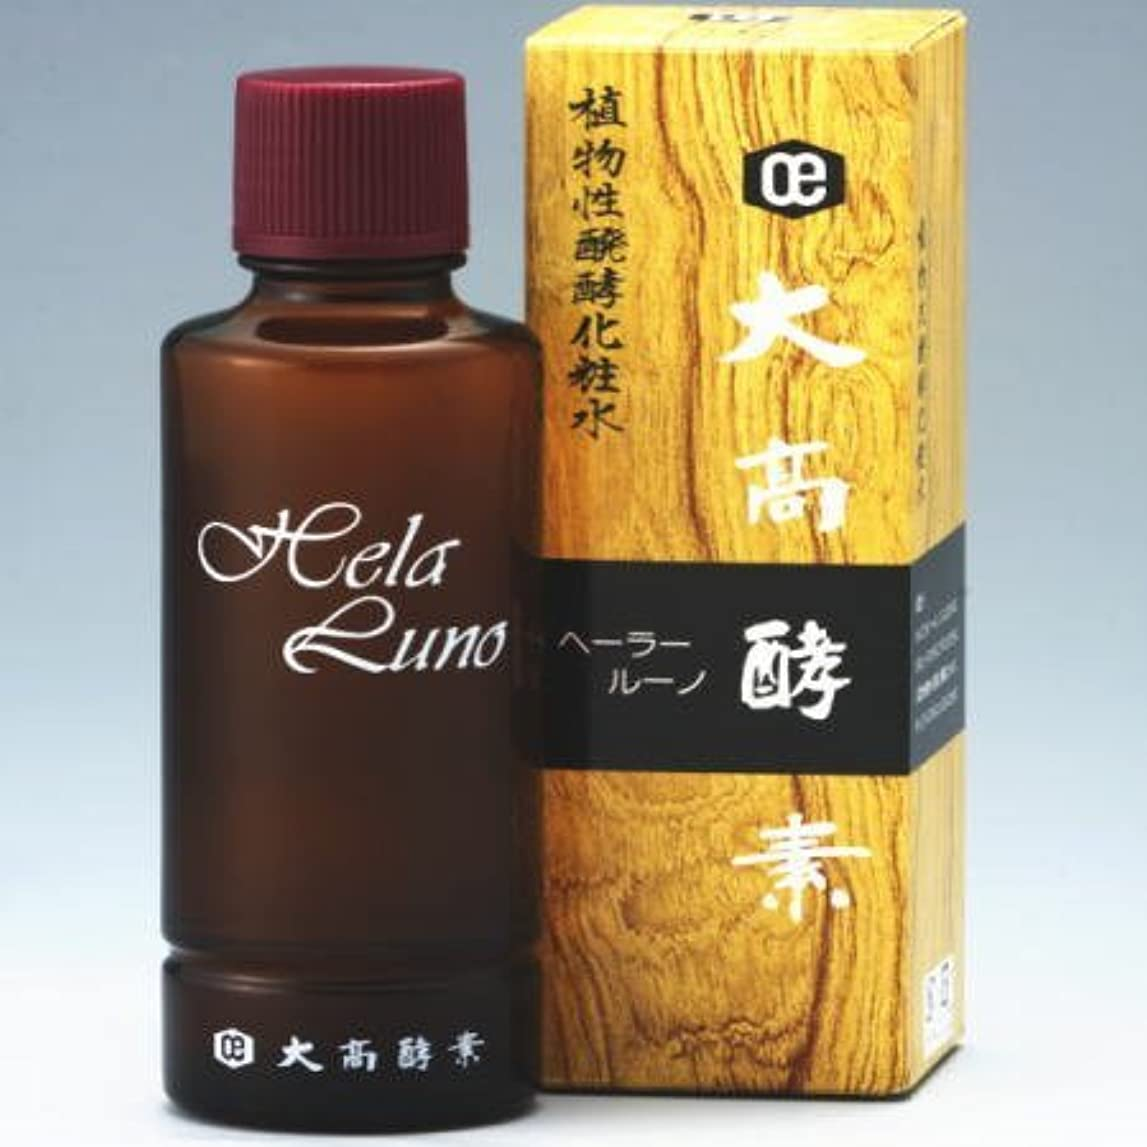 最適マニュアルロッド大高酵素 ヘーラールーノ 植物エキス醗酵美容水 120ml